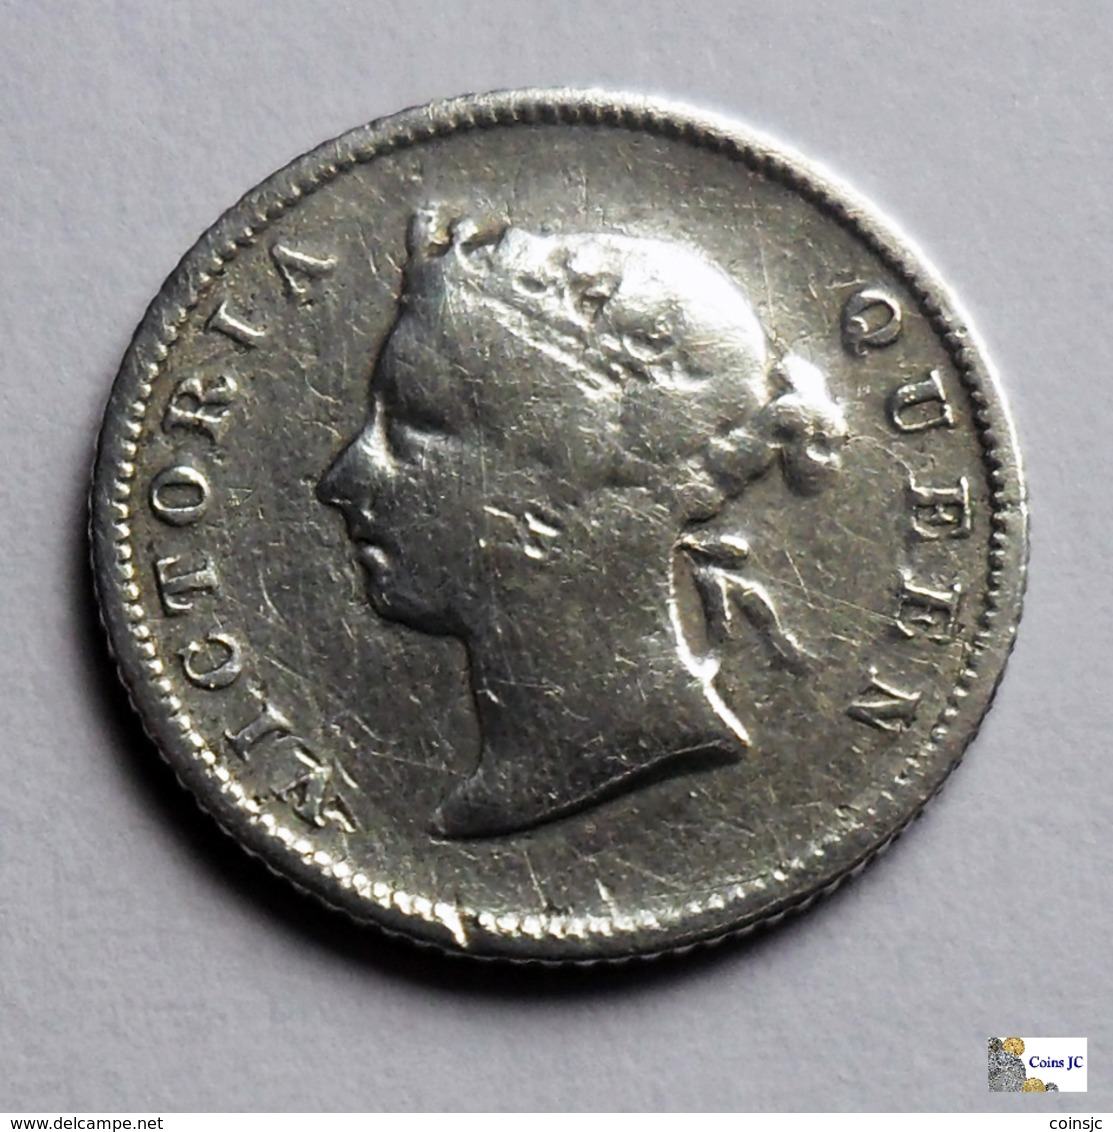 British Guiana & West Indies - 4 Pence - 1891 - Kolonien